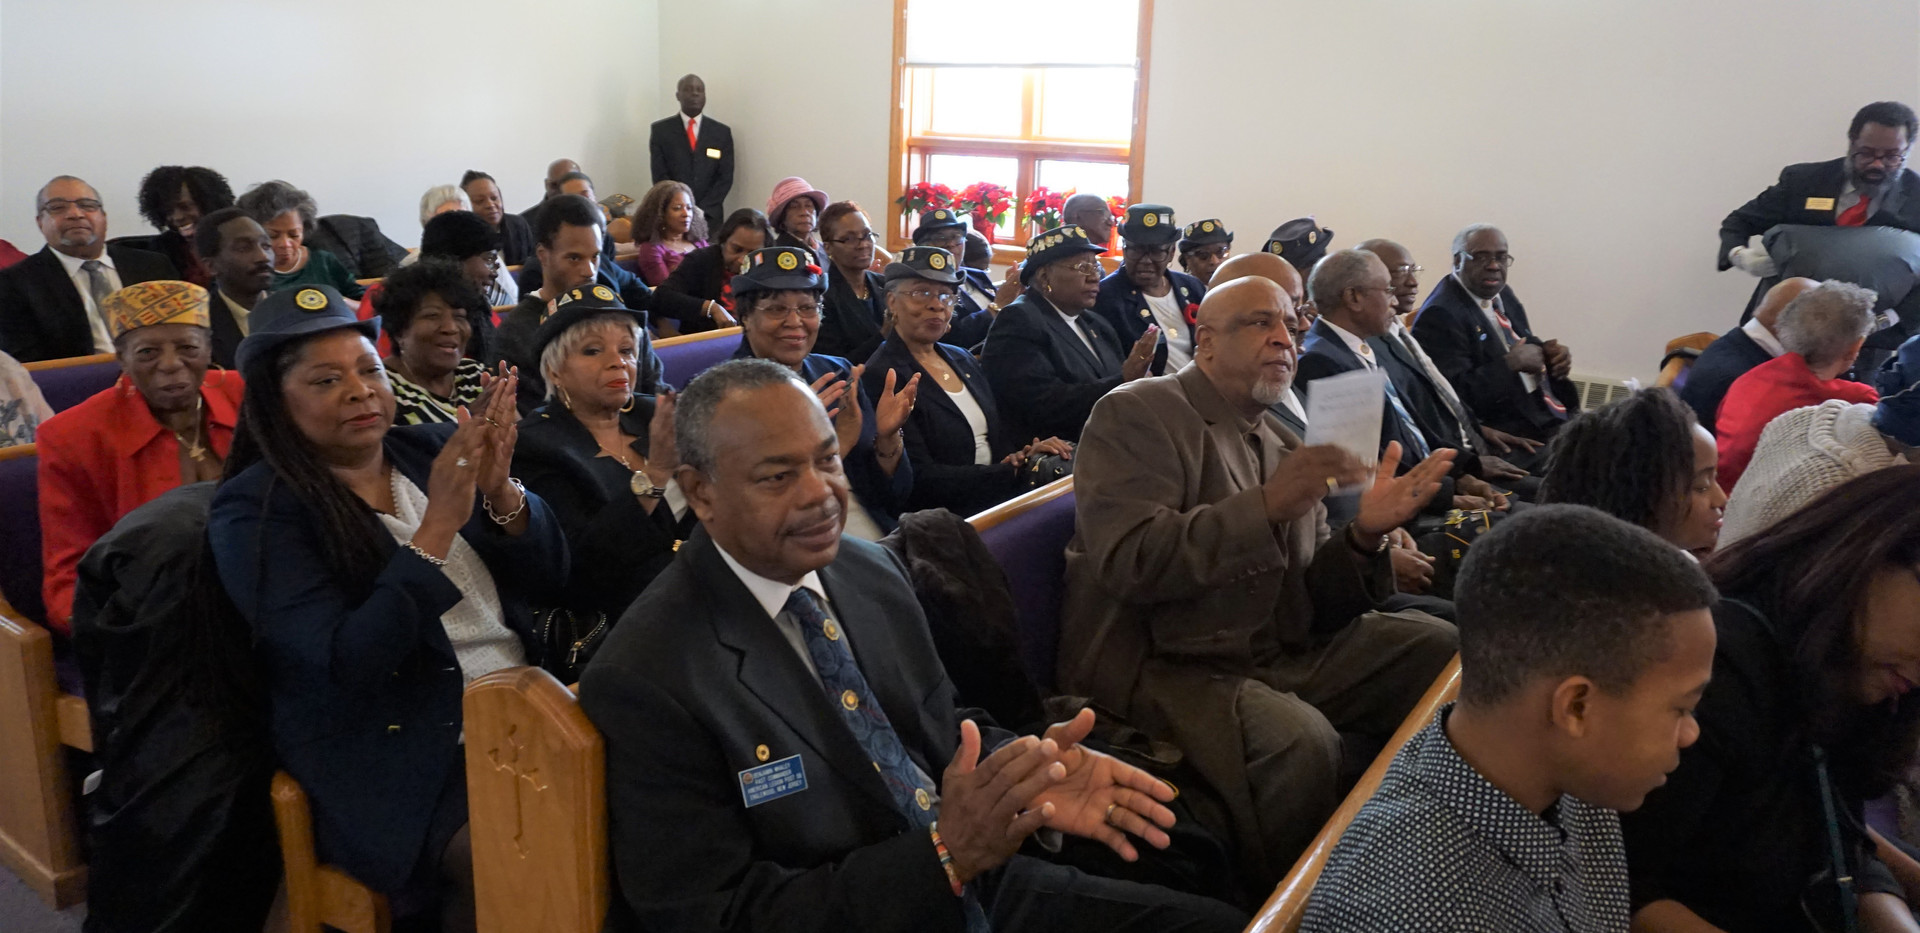 12-8-19 FBCT SENIOR MINISTRY DAY (7).JPG